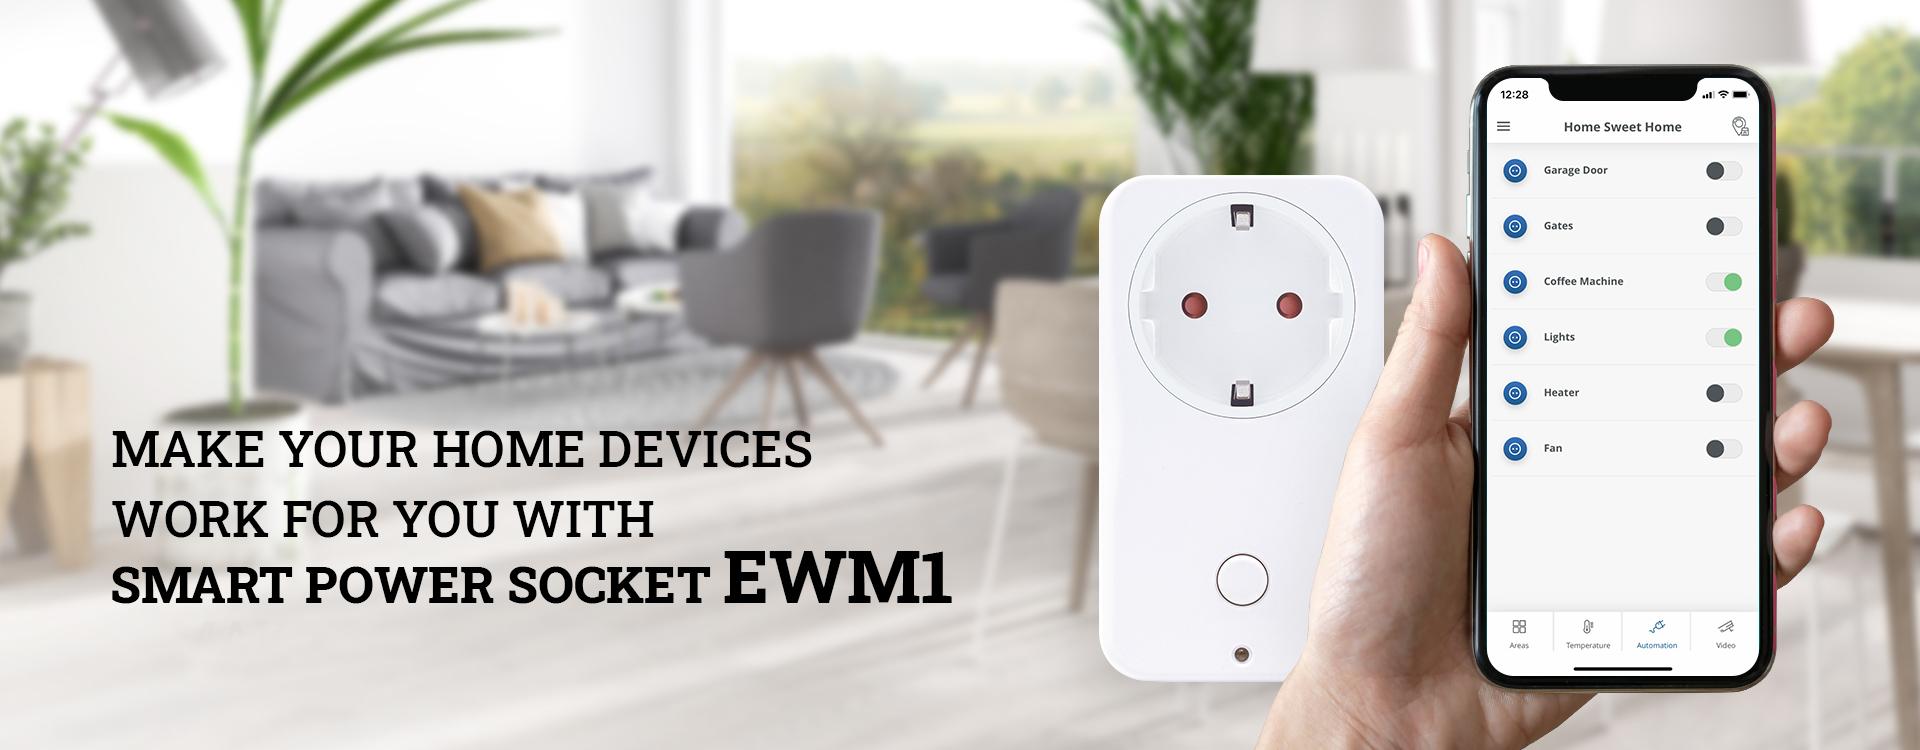 ELDES SMART POWER SOCKET EWM1